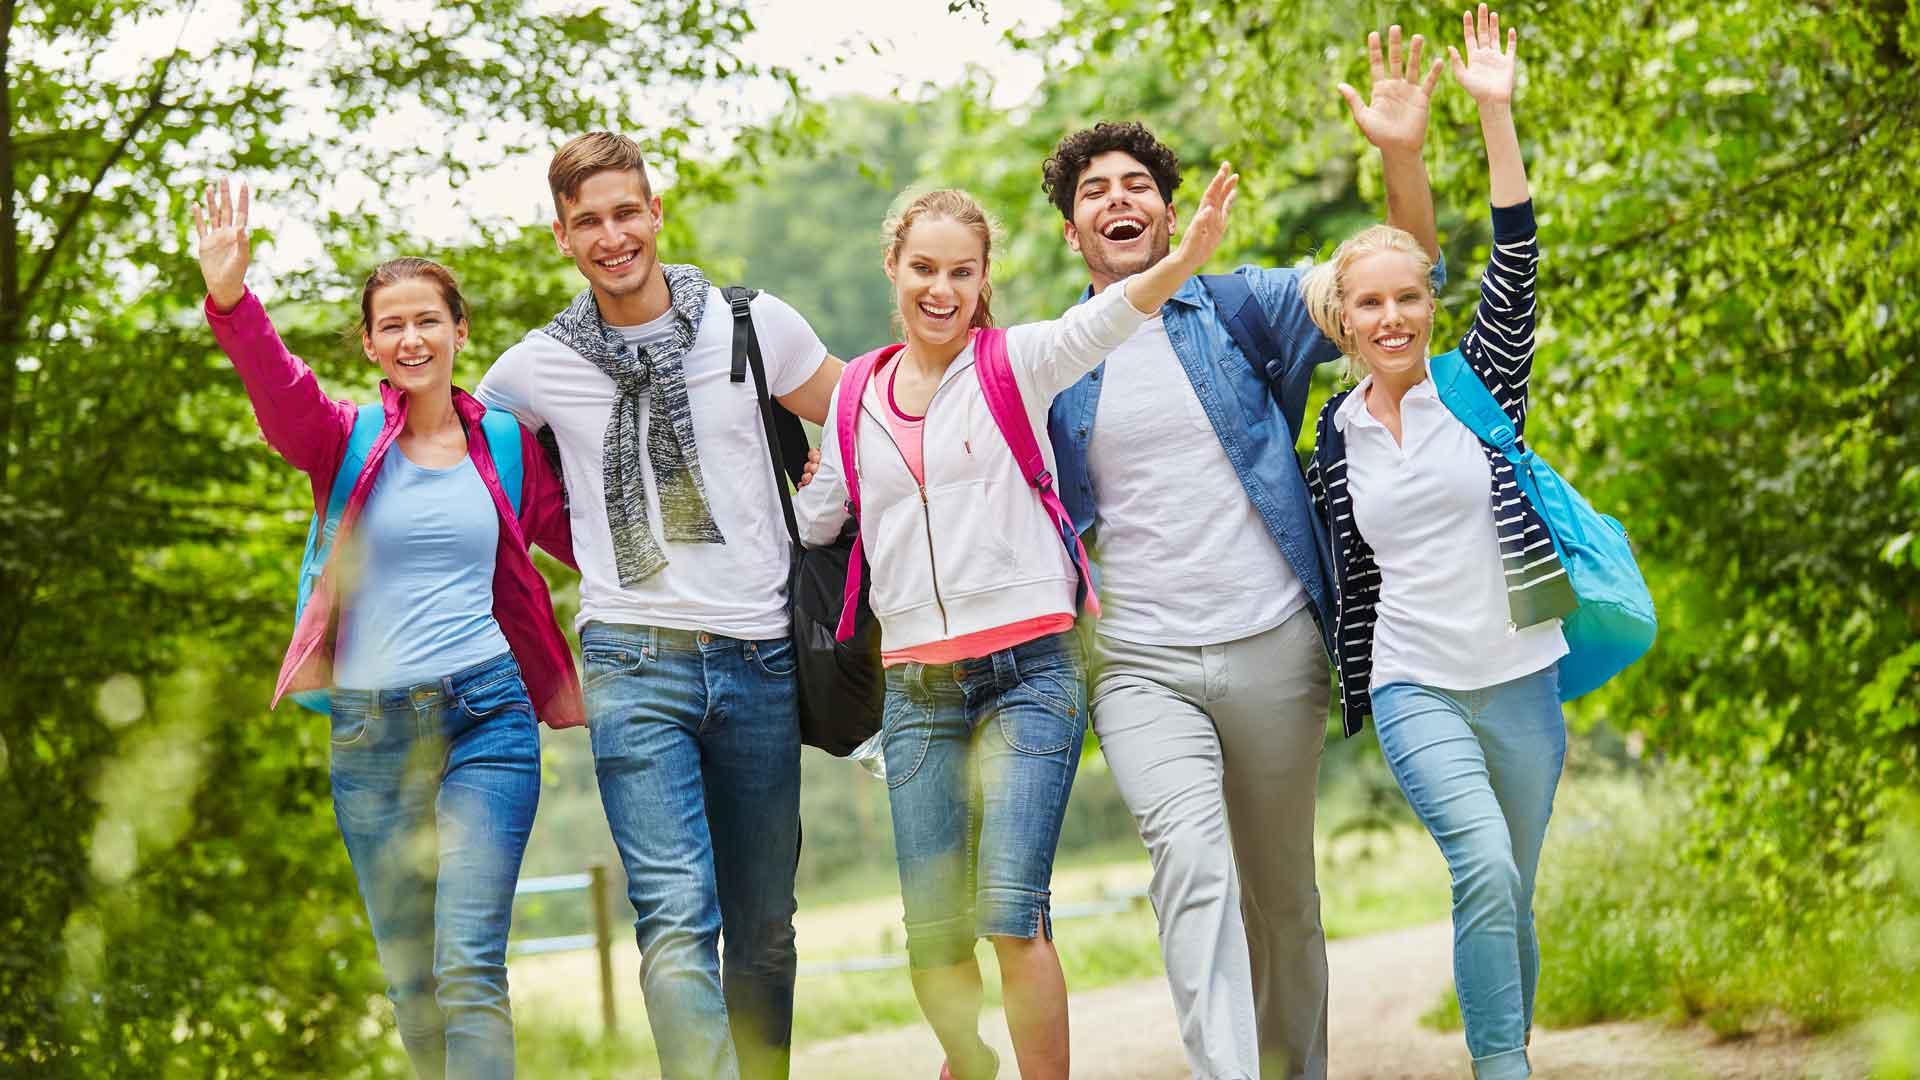 Juleica Grundausbildung Eisenach Frühjahr